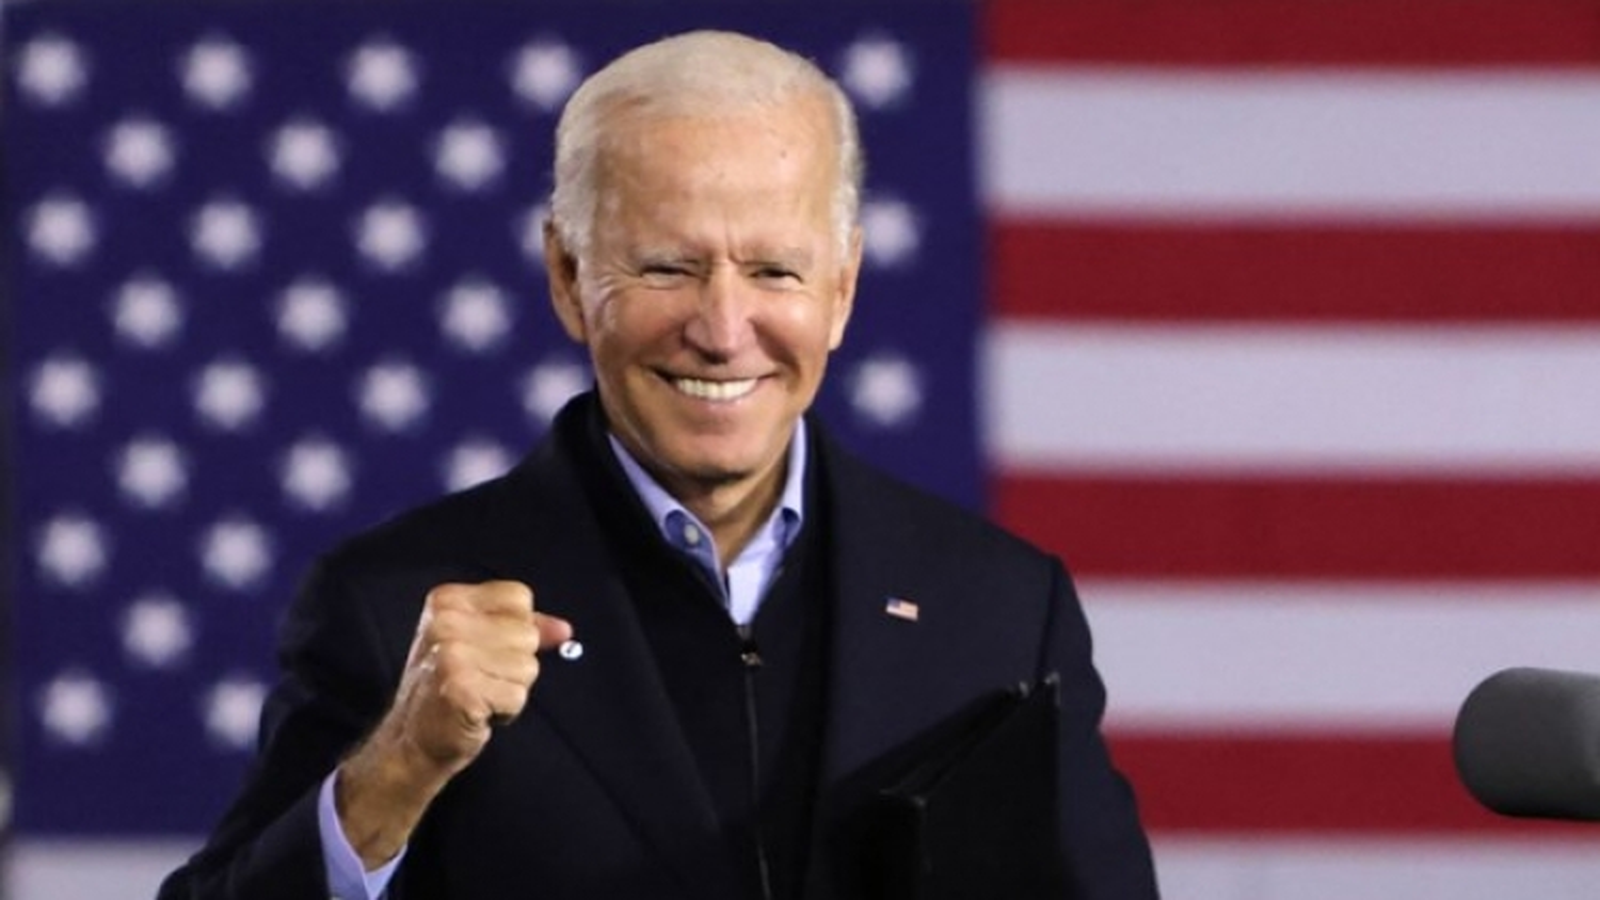 4 điều đáng lưu ý trong cuộc bỏ phiếu đại cử tri bầu Tổng thống Mỹ